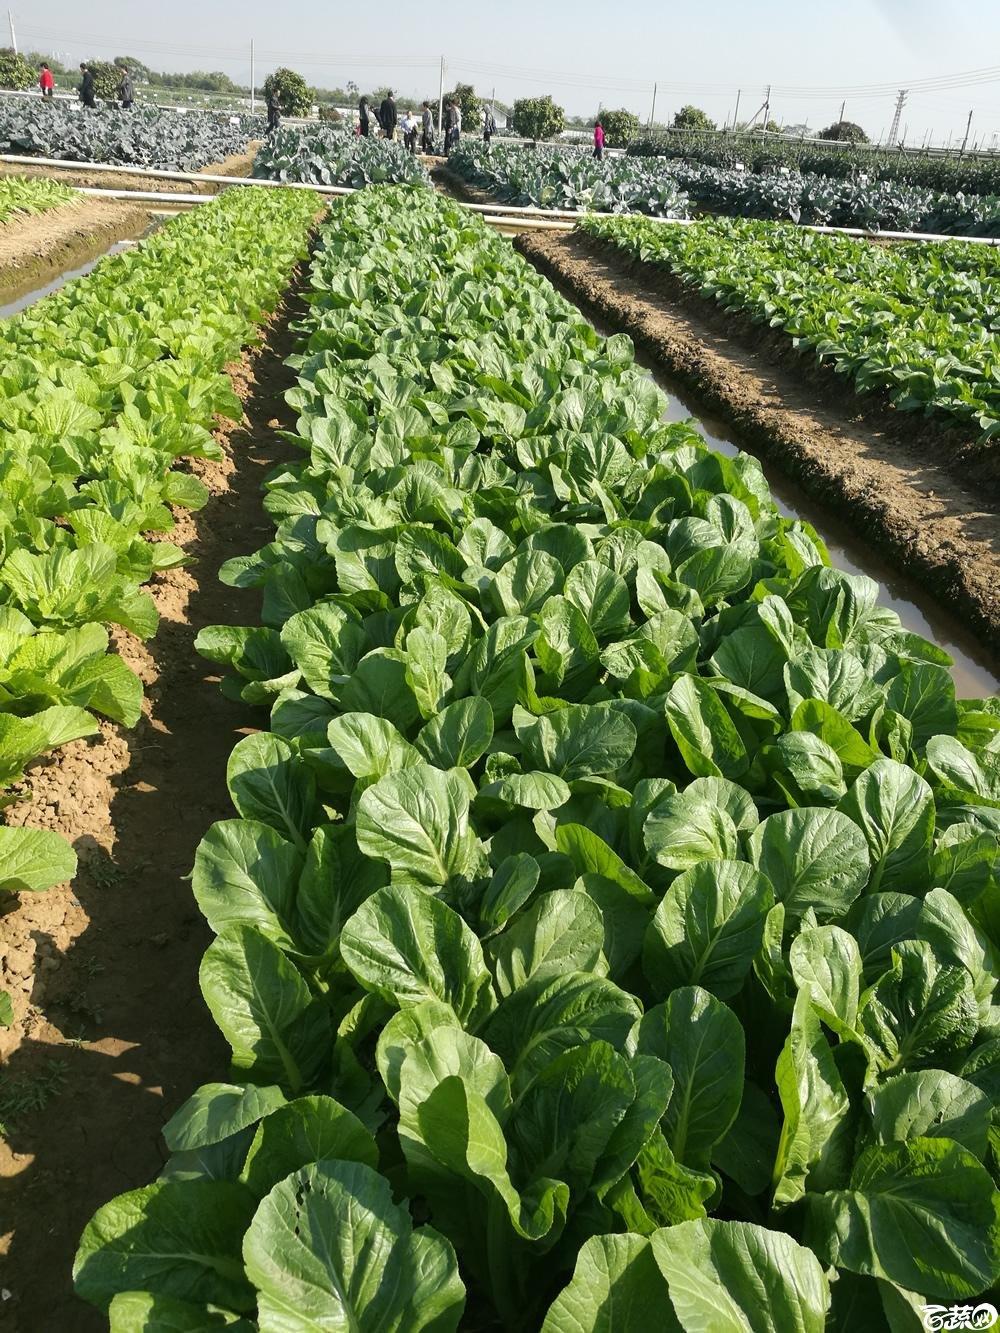 第十二届广州蔬菜展示会专家重点推荐品种,广州市农科院特选客家芥_002.jpg